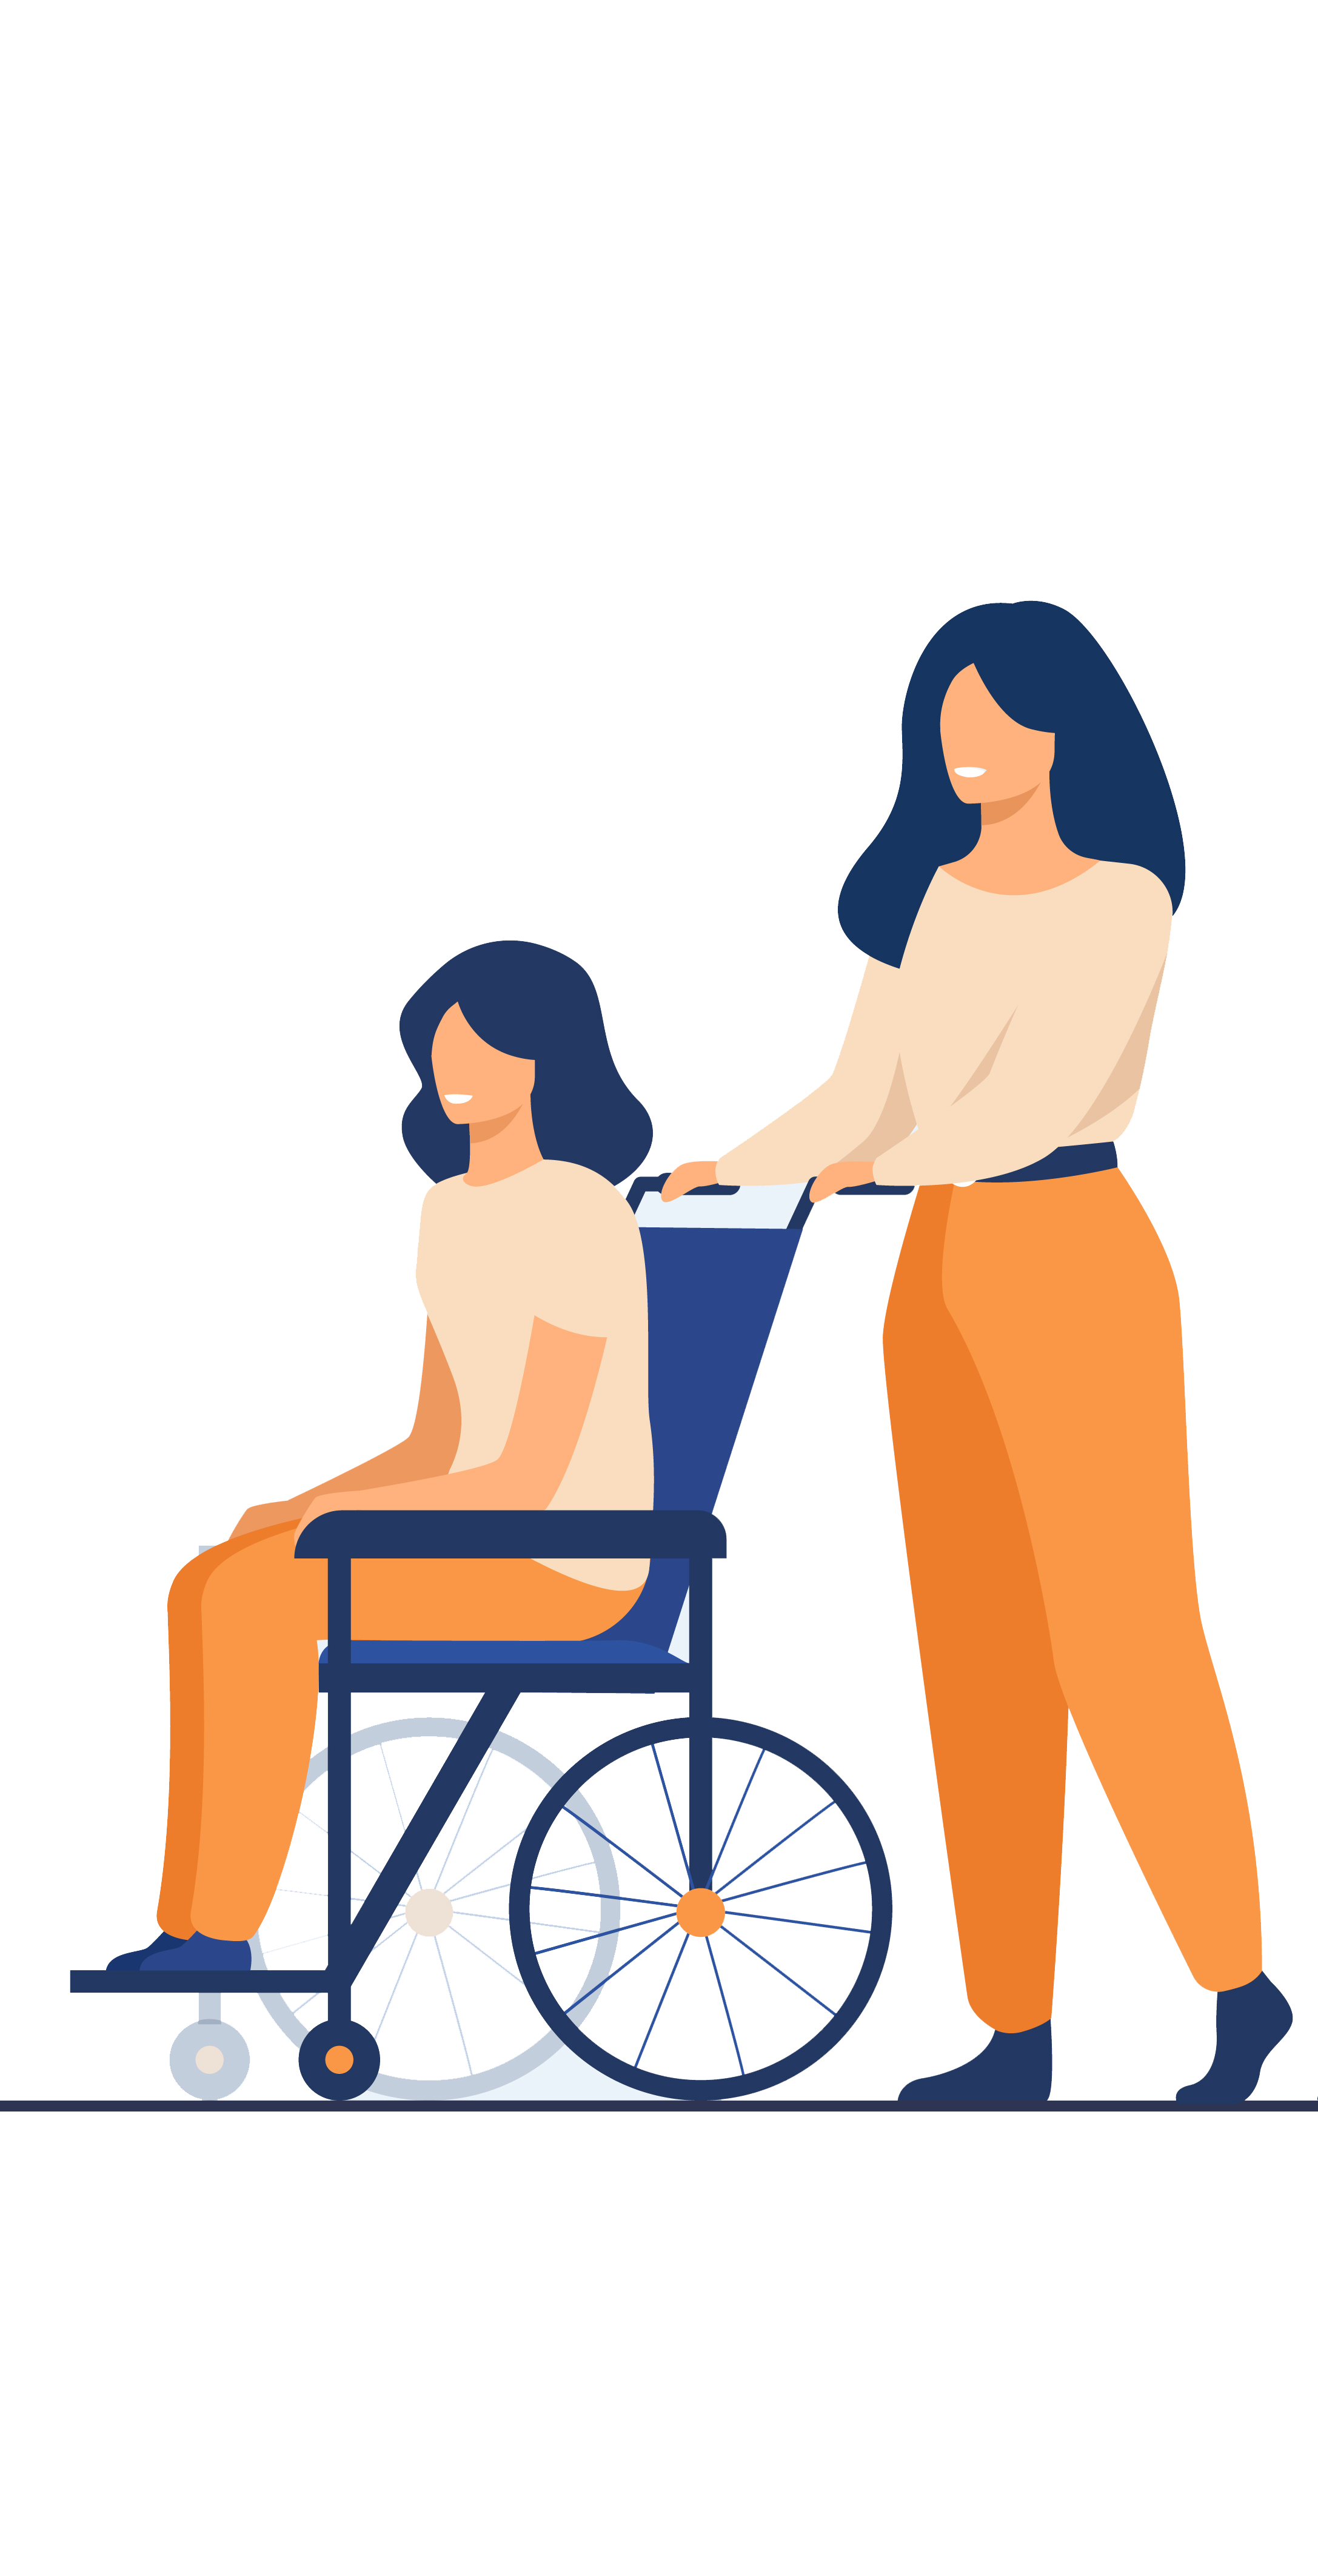 Enfant en situation de handicap moteur assis sur un fauteuil roulant et poussé par un adulte.